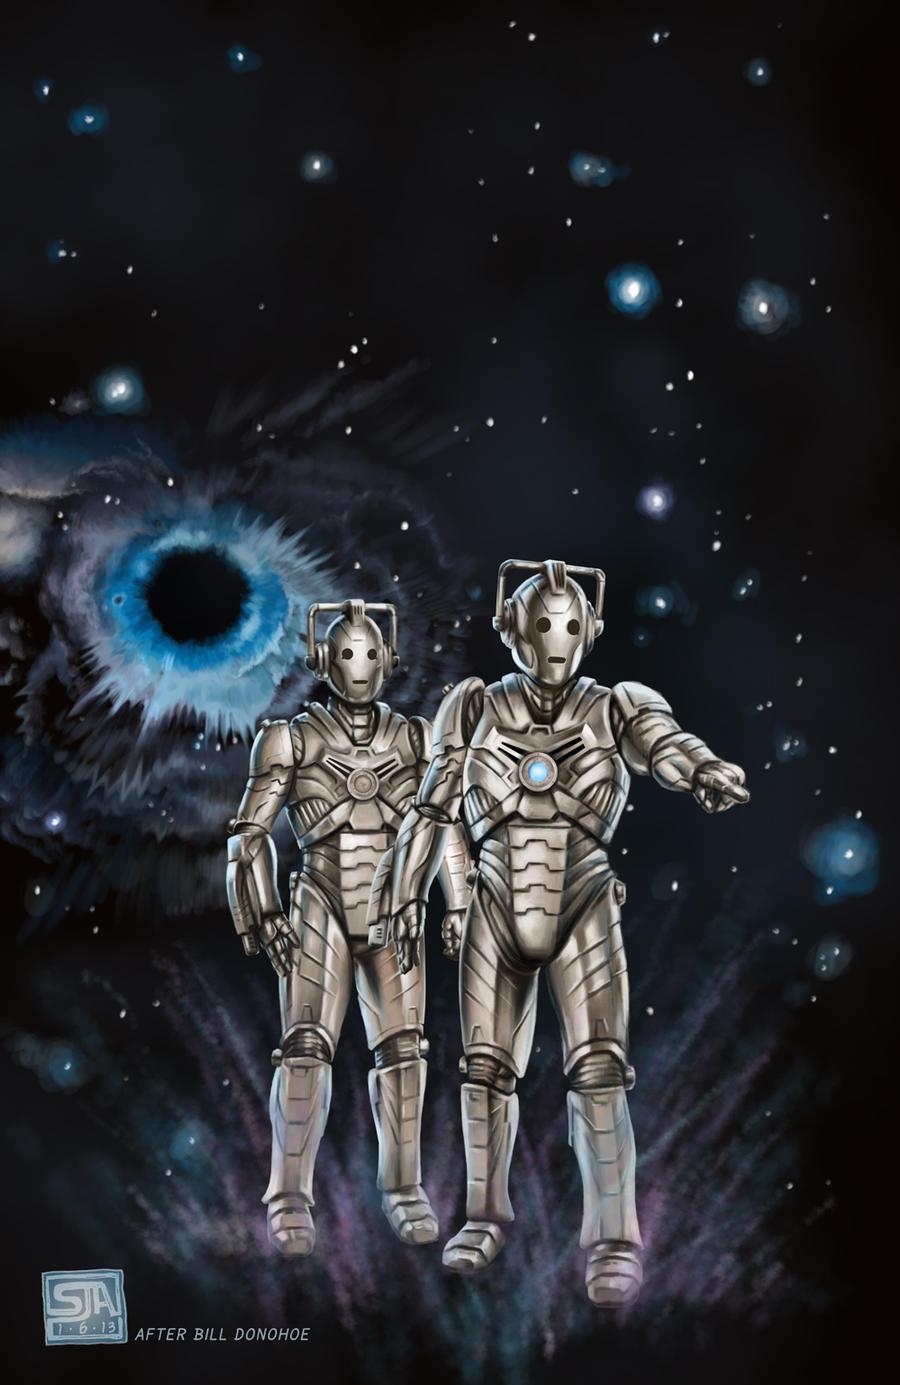 Cybermen 2 (2013) by SteveAndrew